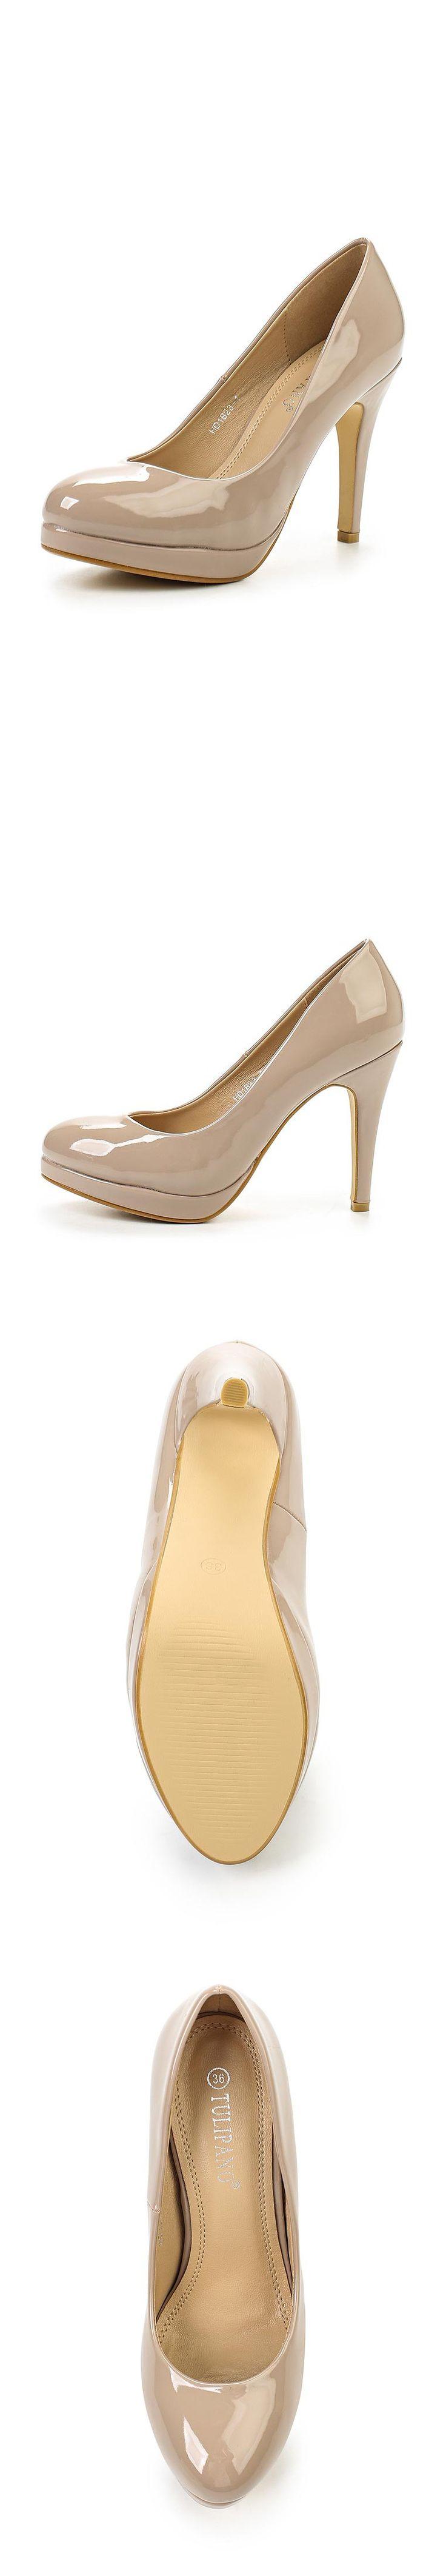 Женская обувь туфли Tulipano за 3560.00 руб.